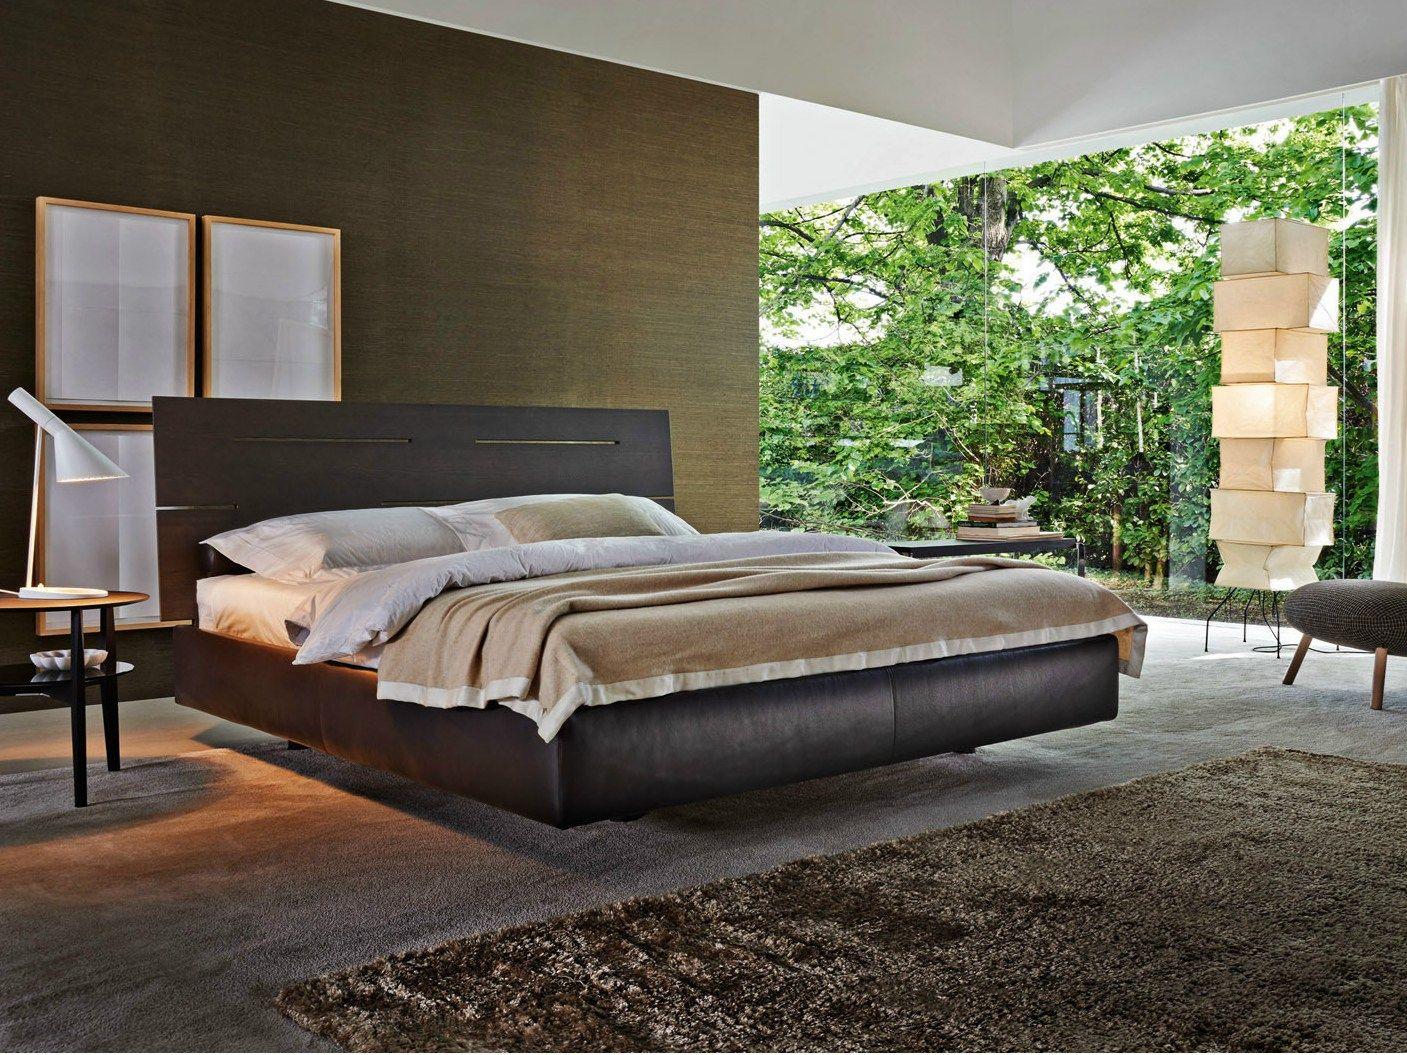 Molteni c a parigi con il sistema letto nature - Sistema per letto contenitore ...